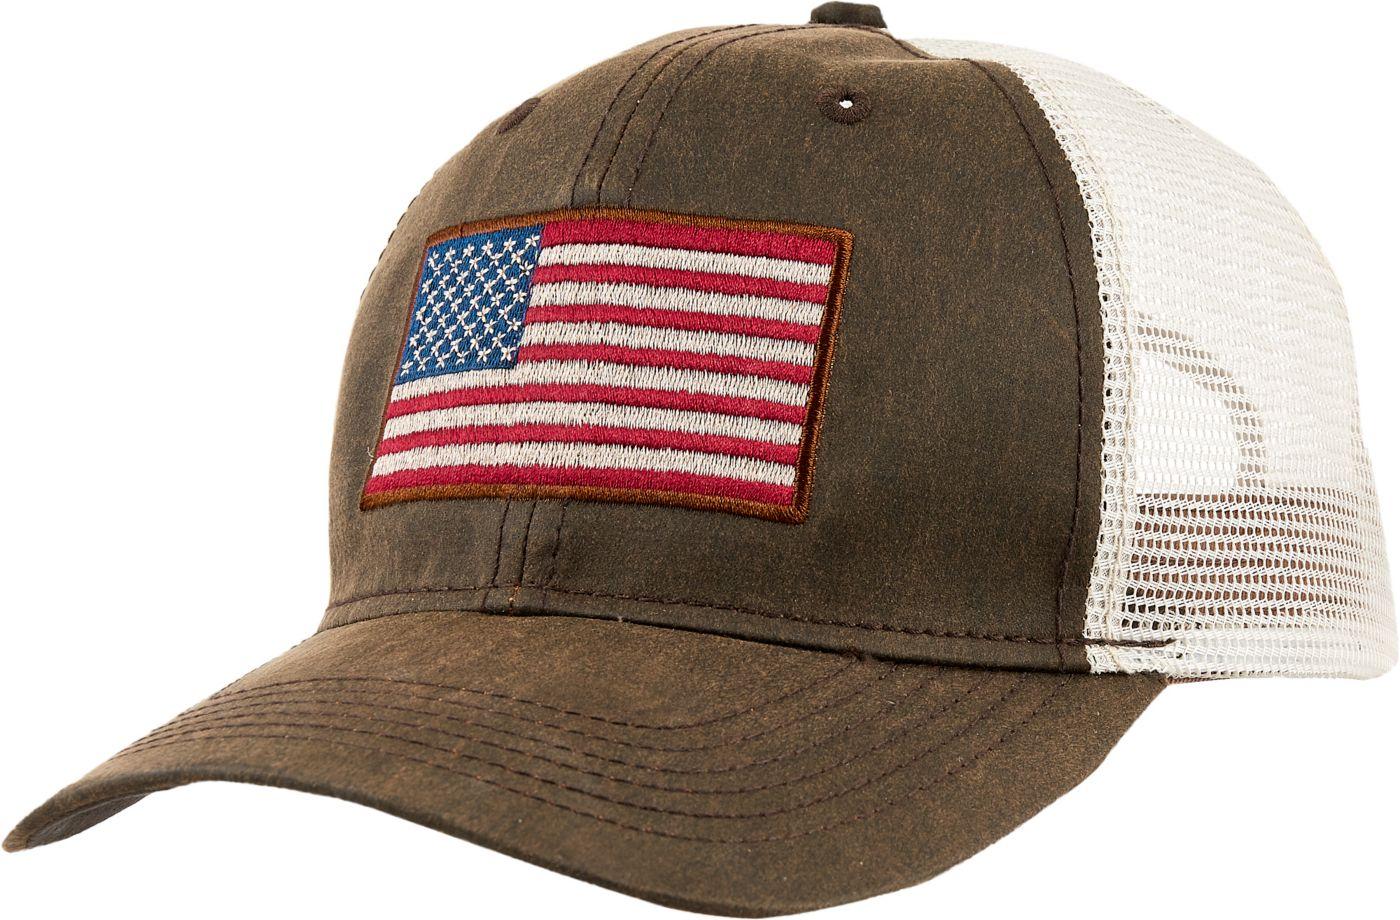 Field & Stream Men's Flag Patch Trucker Hat